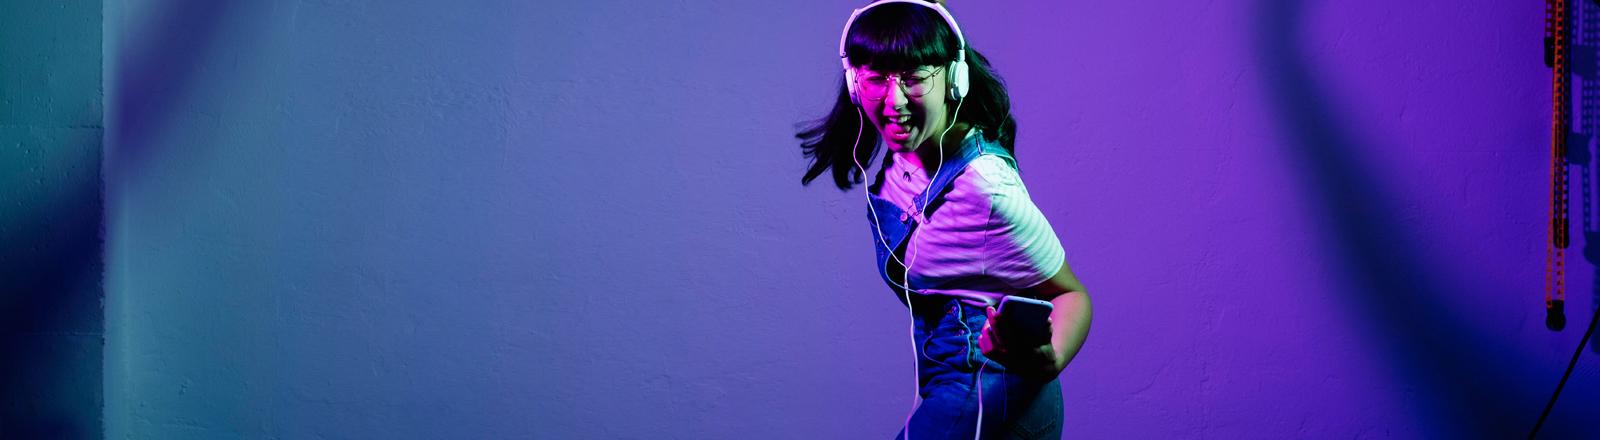 Eine Frau tanzt glücklich und hält ihr Handy dabei in der Hand.